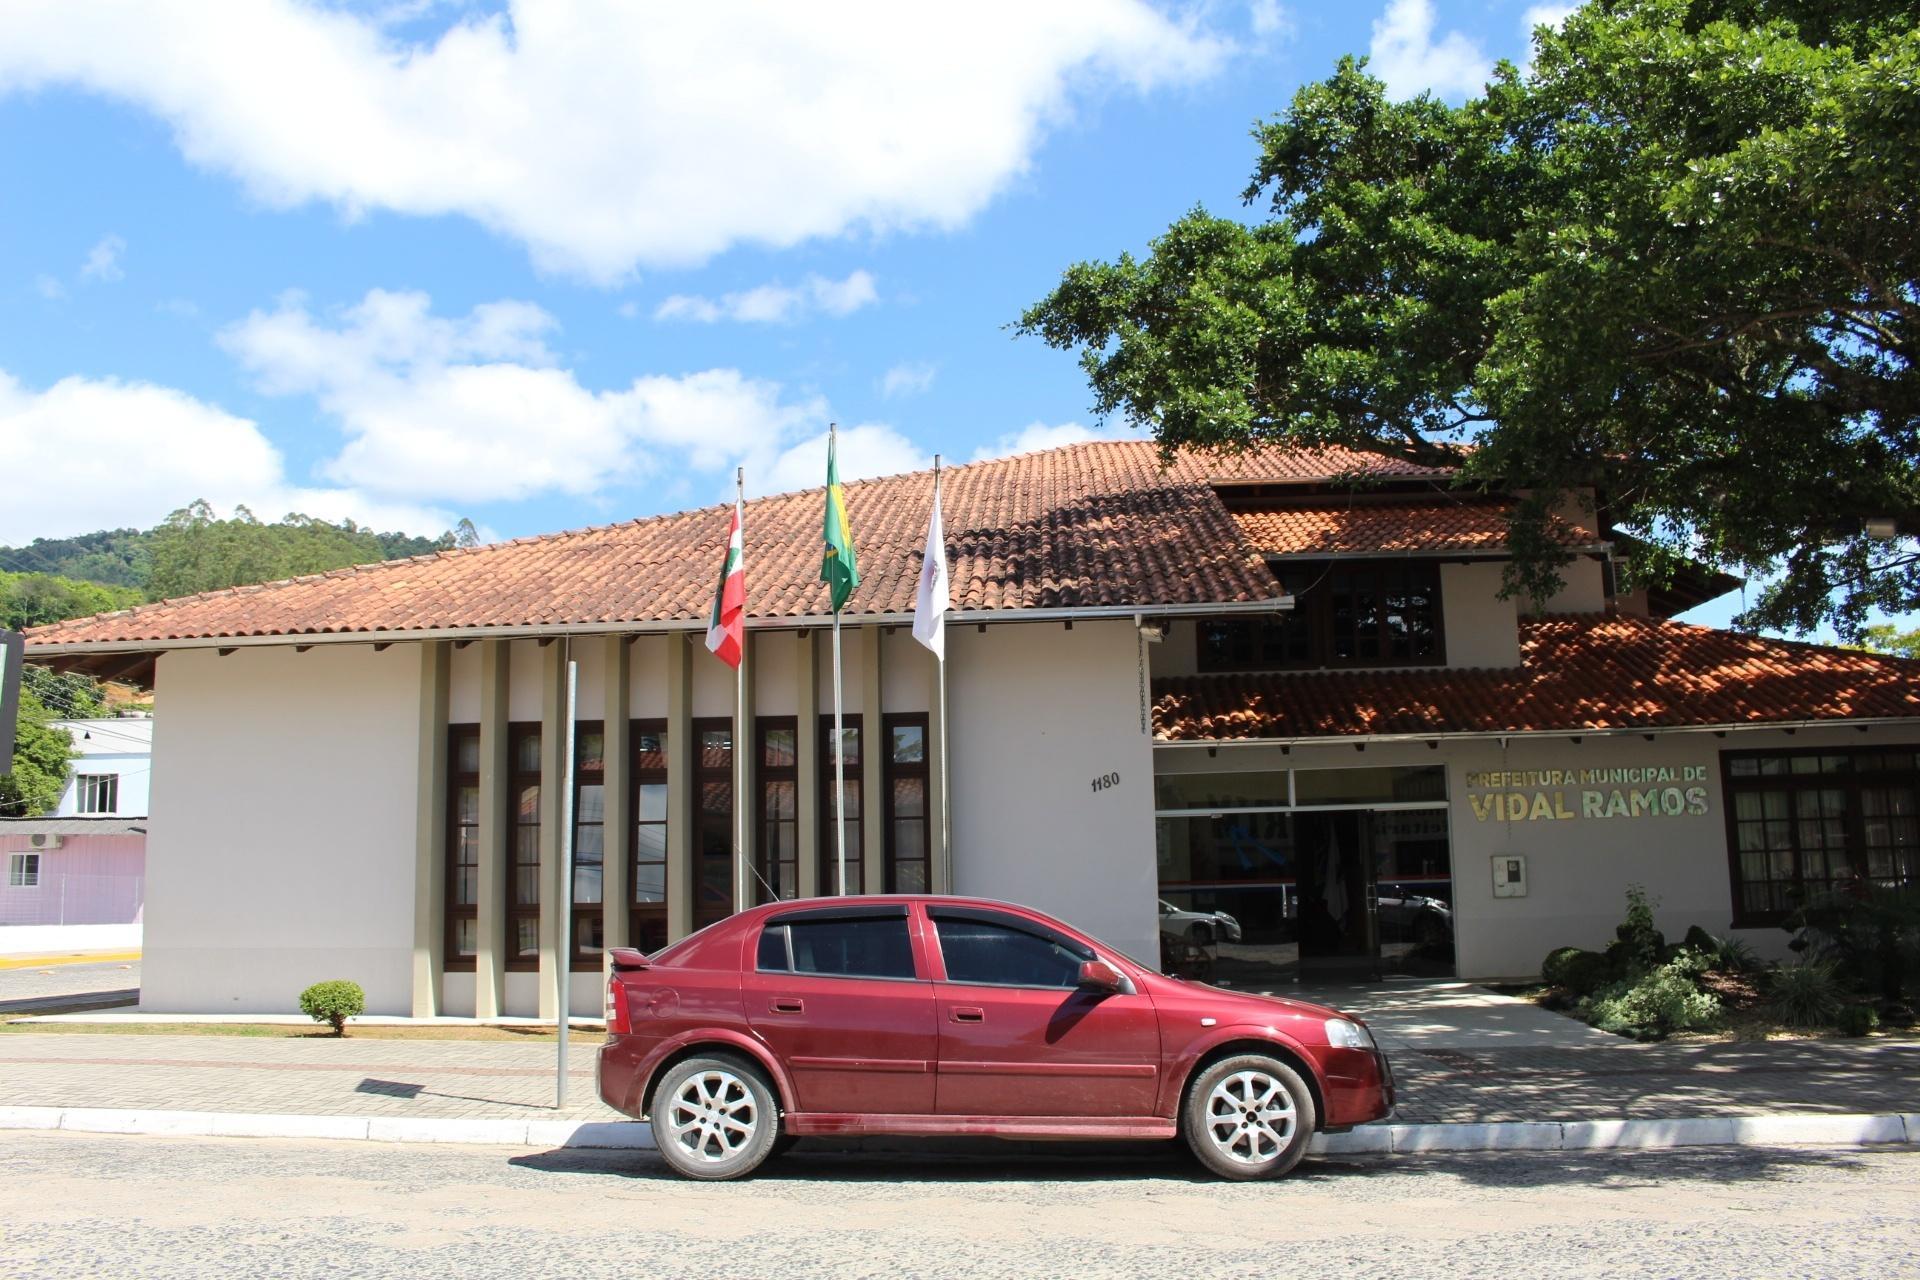 Novas rotatórias e mudanças no estacionamento estão previstas no trânsito de Vidal Ramos